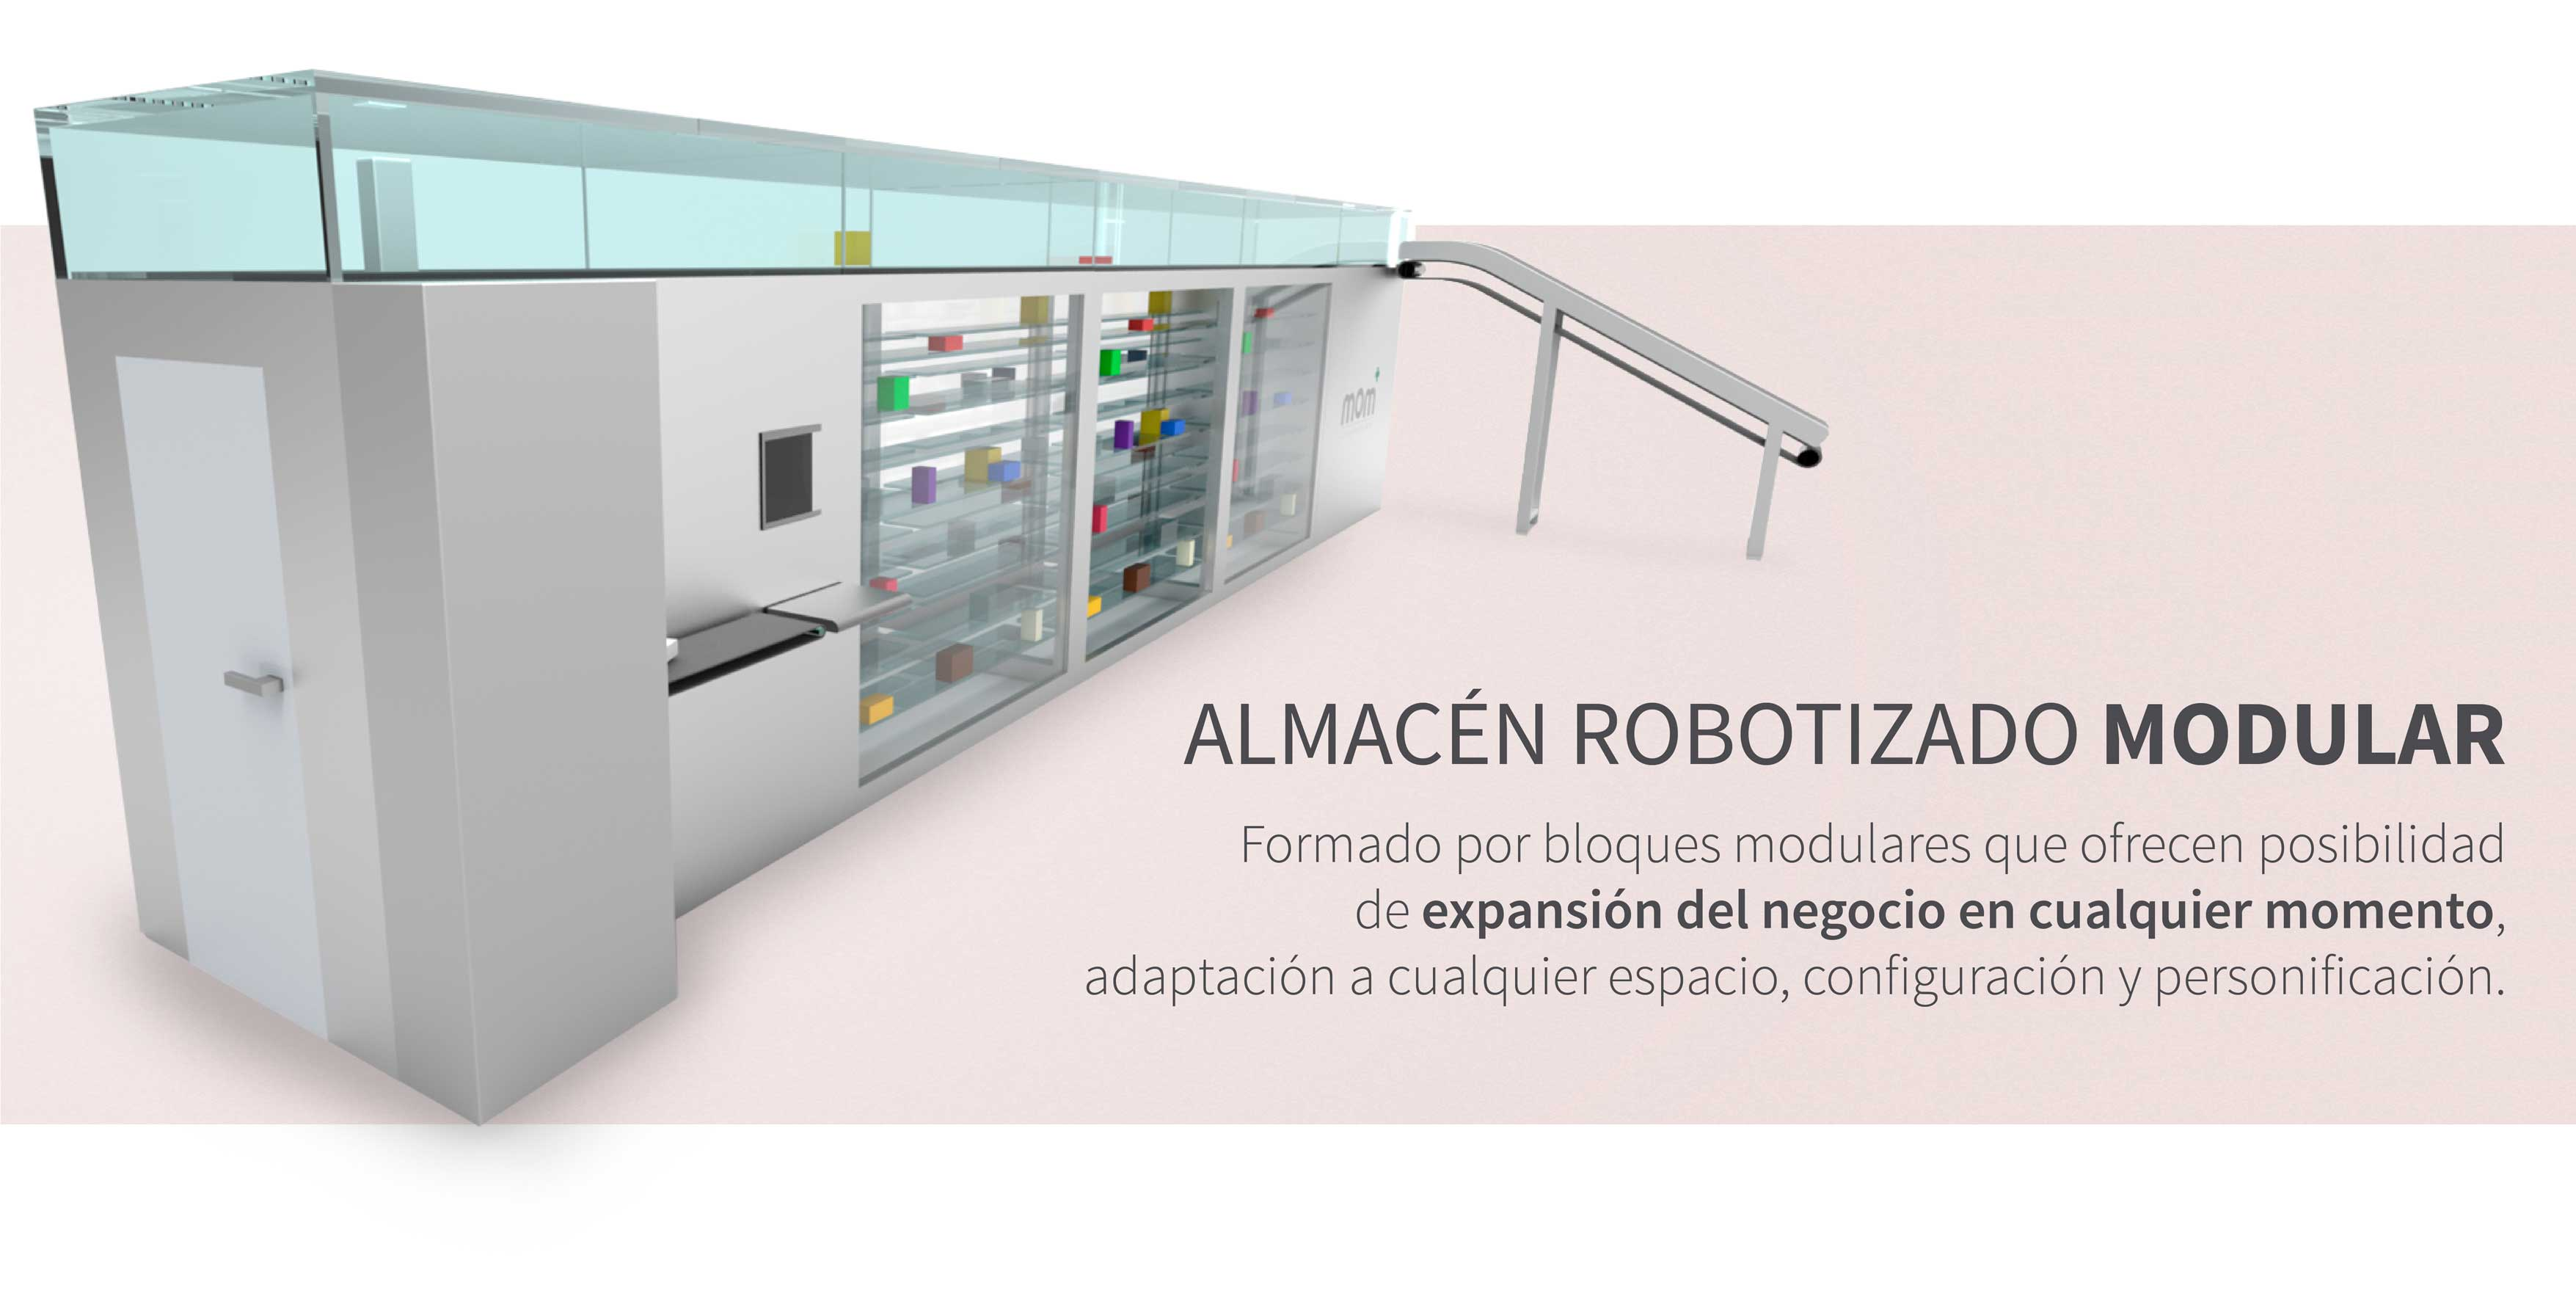 ALMACÉN_MODULAR_ROBOTIZADO_ONMON_TECHNOLOGIES